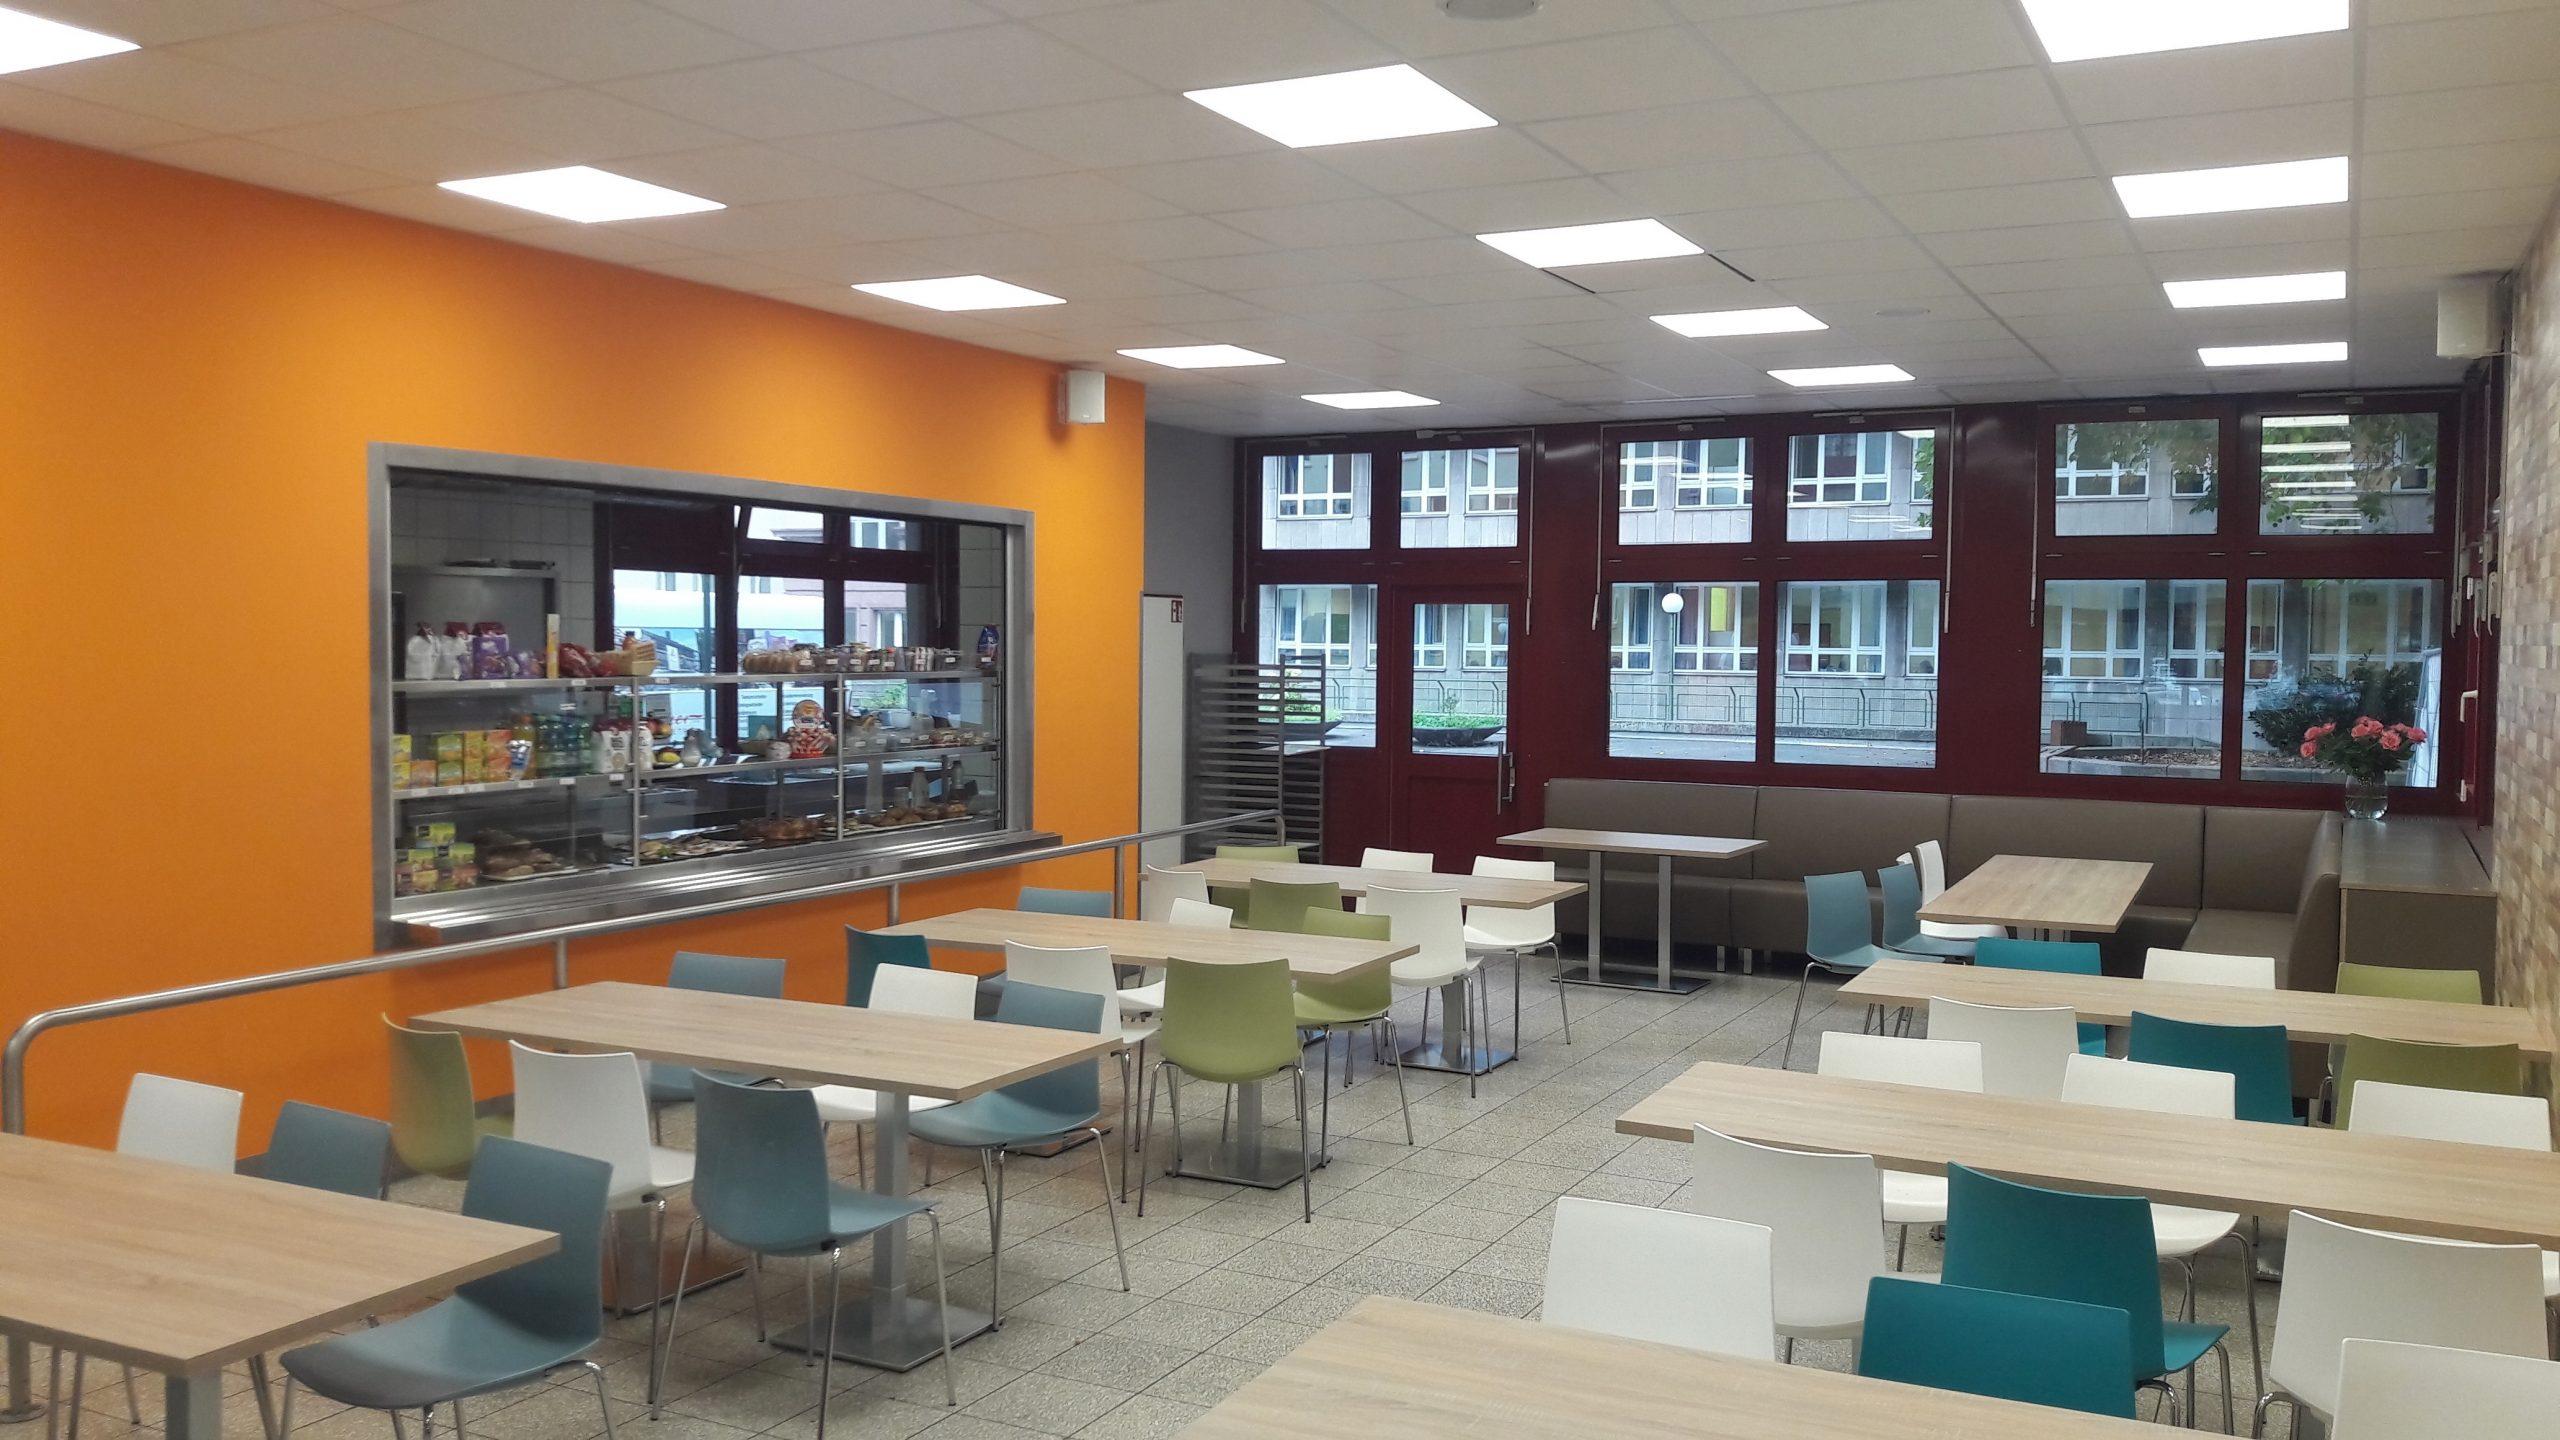 Neue Hebel-Lounge pünktlich zum Schuljahresbeginn!